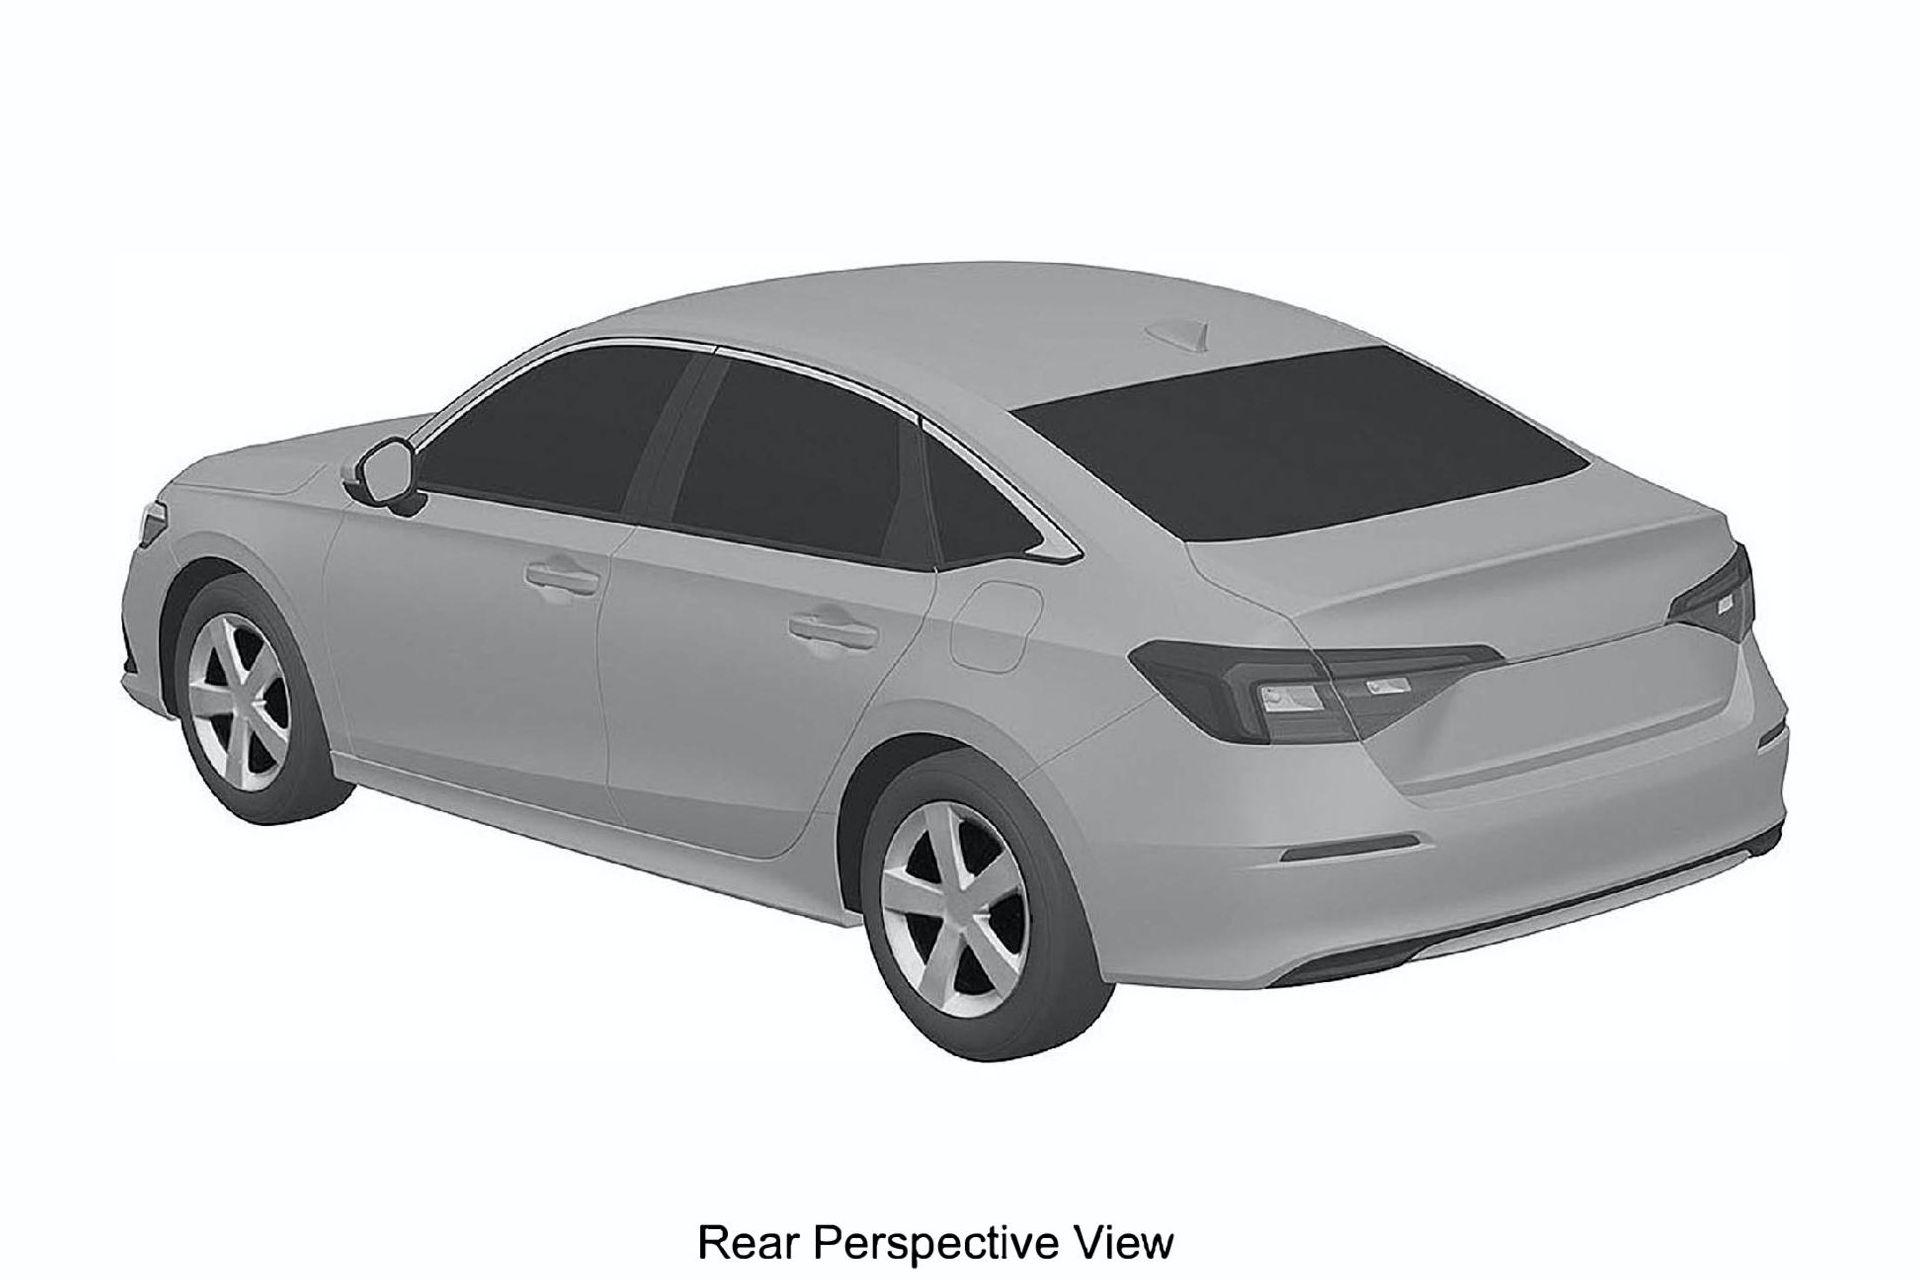 2022 Honda Civic Sedan ve Hatchback'in tasarımı patent görüntüleriyle ortaya çıktı